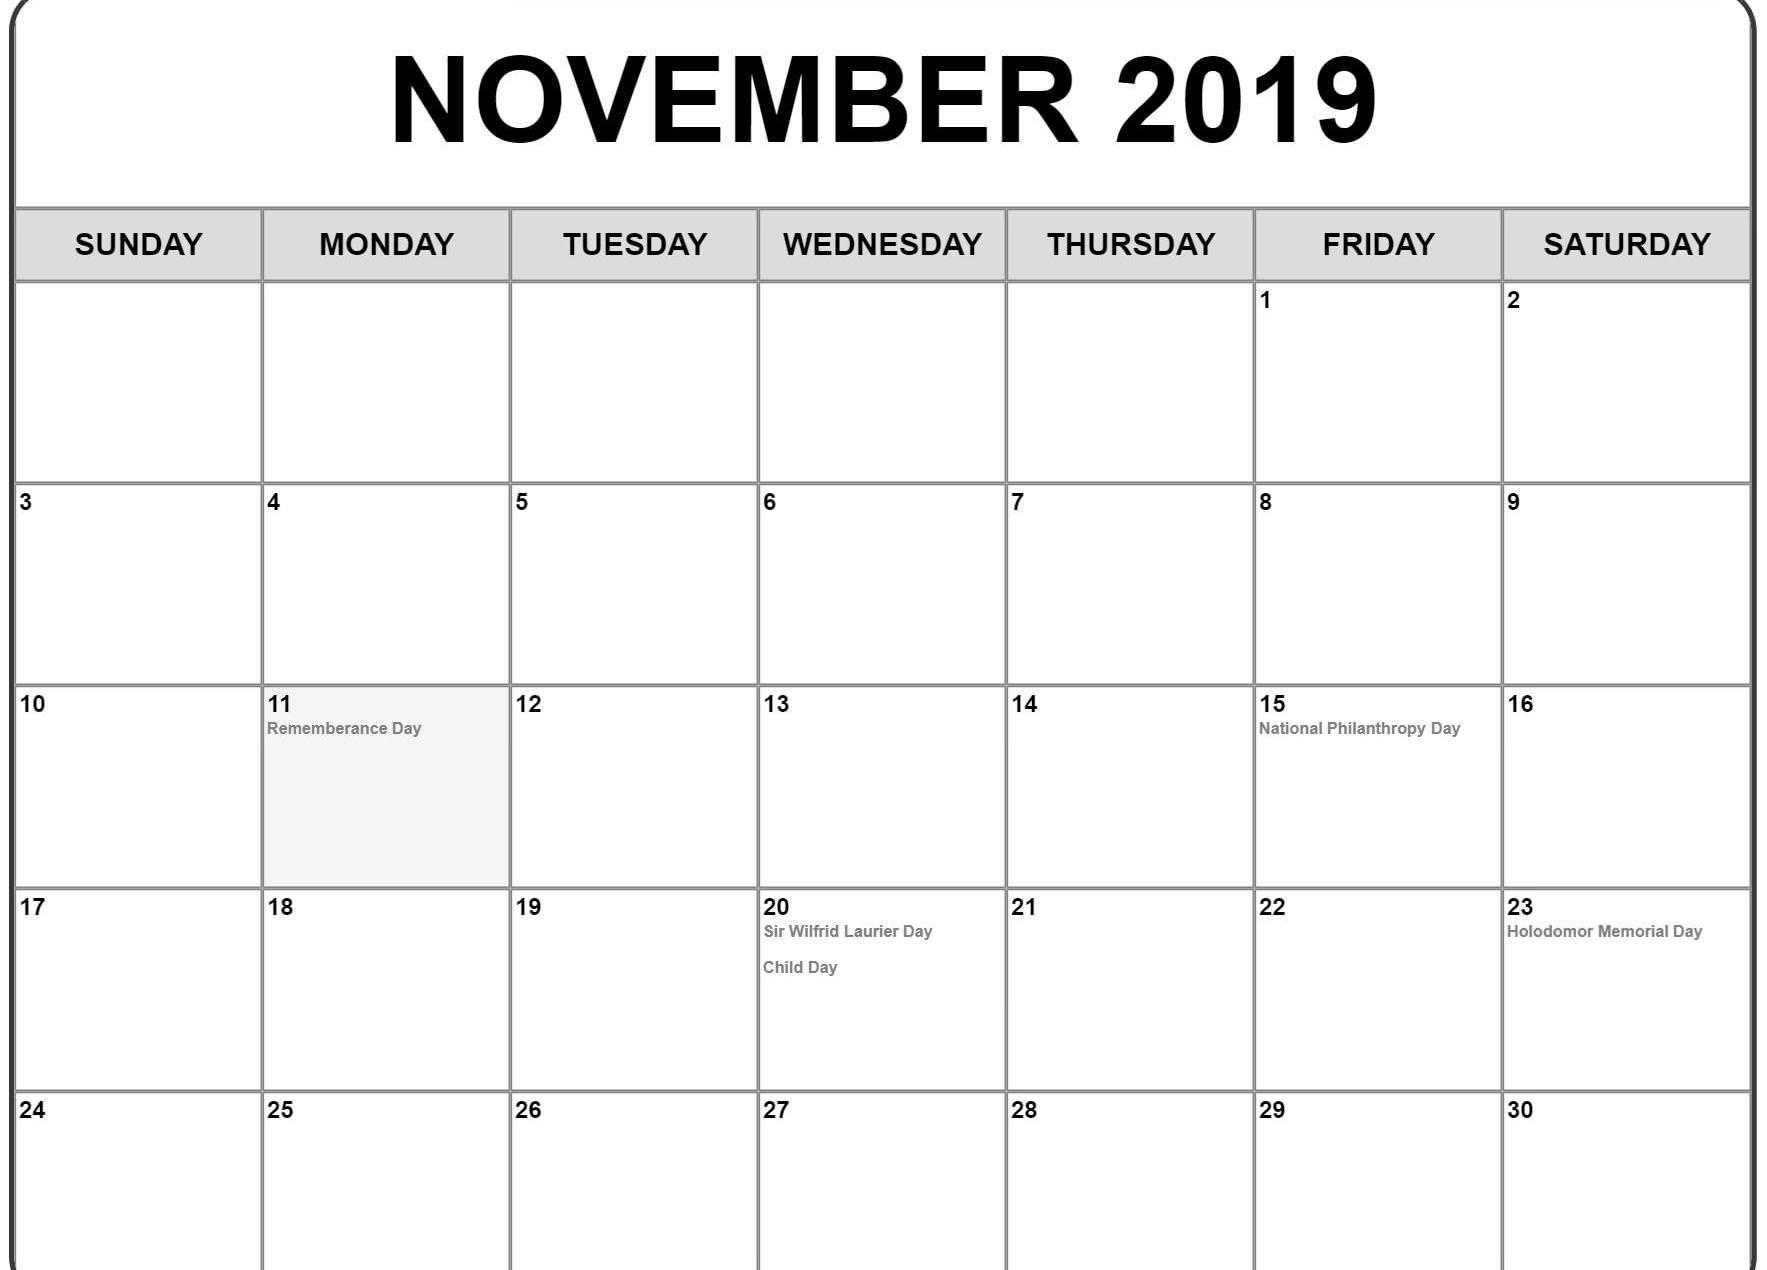 November 2019 Calendar Printable Templates